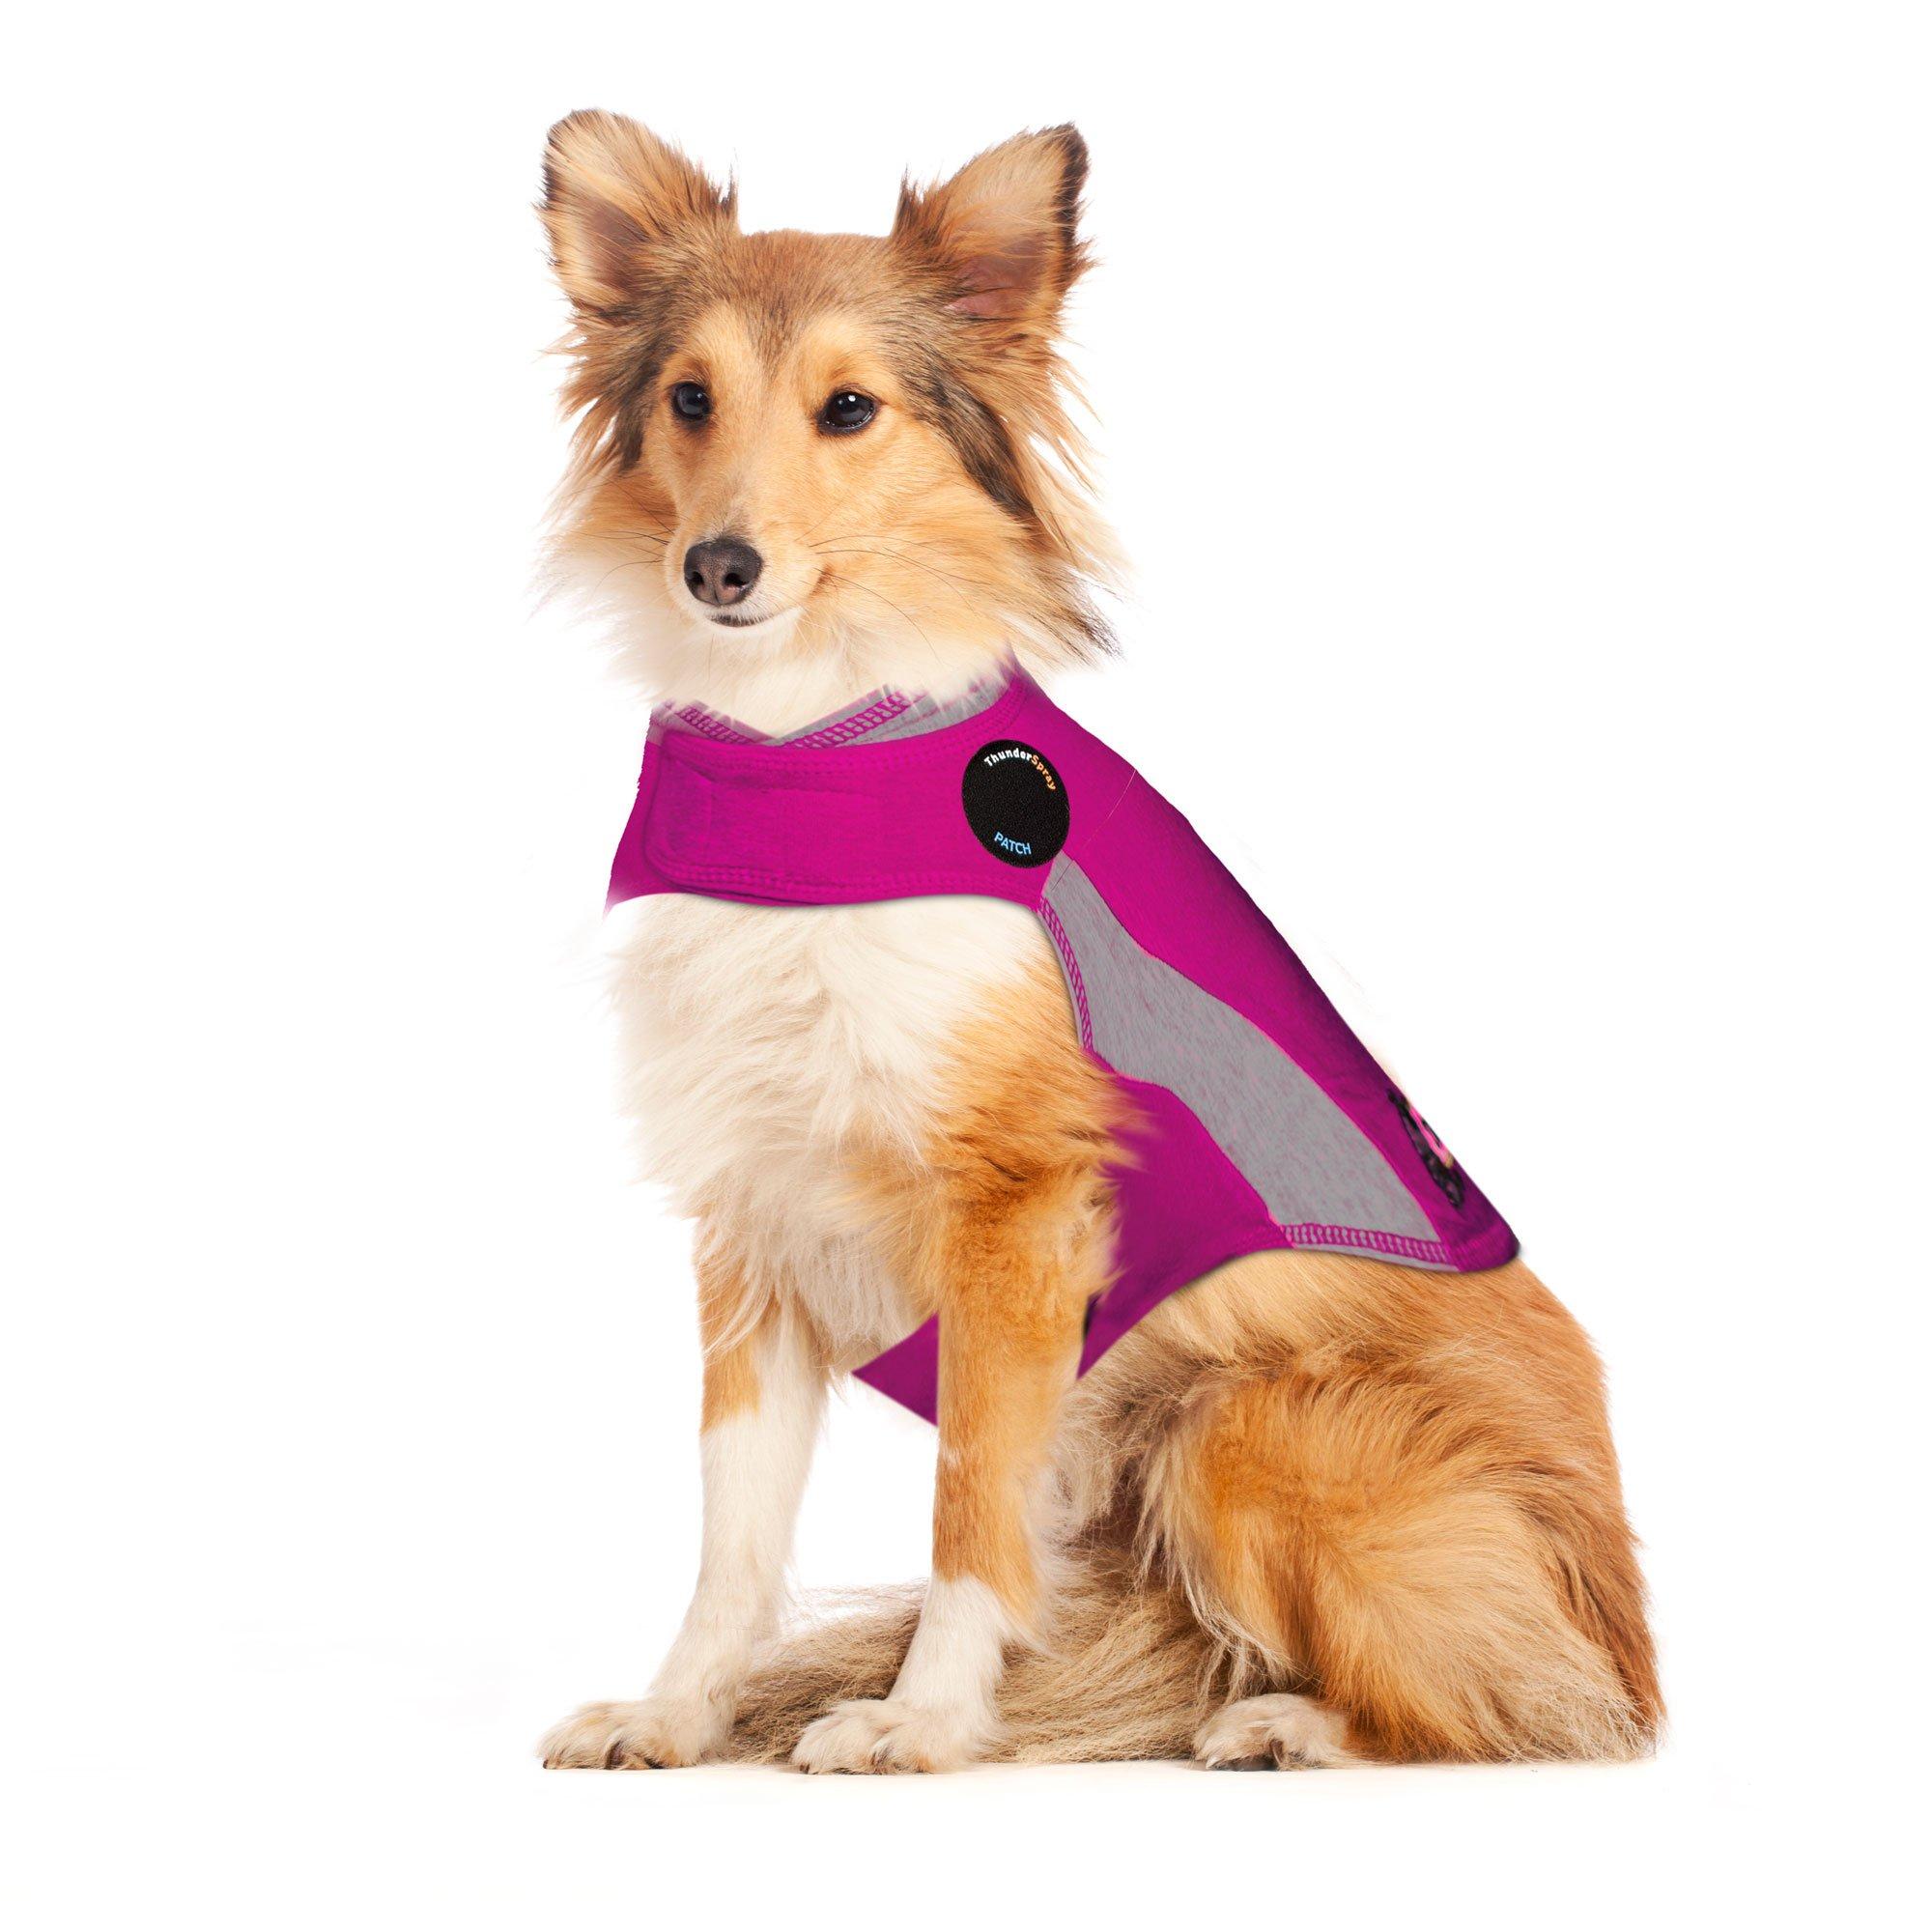 ThunderShirt Polo Dog Anxiety Jacket, Pink, Large by Thundershirt